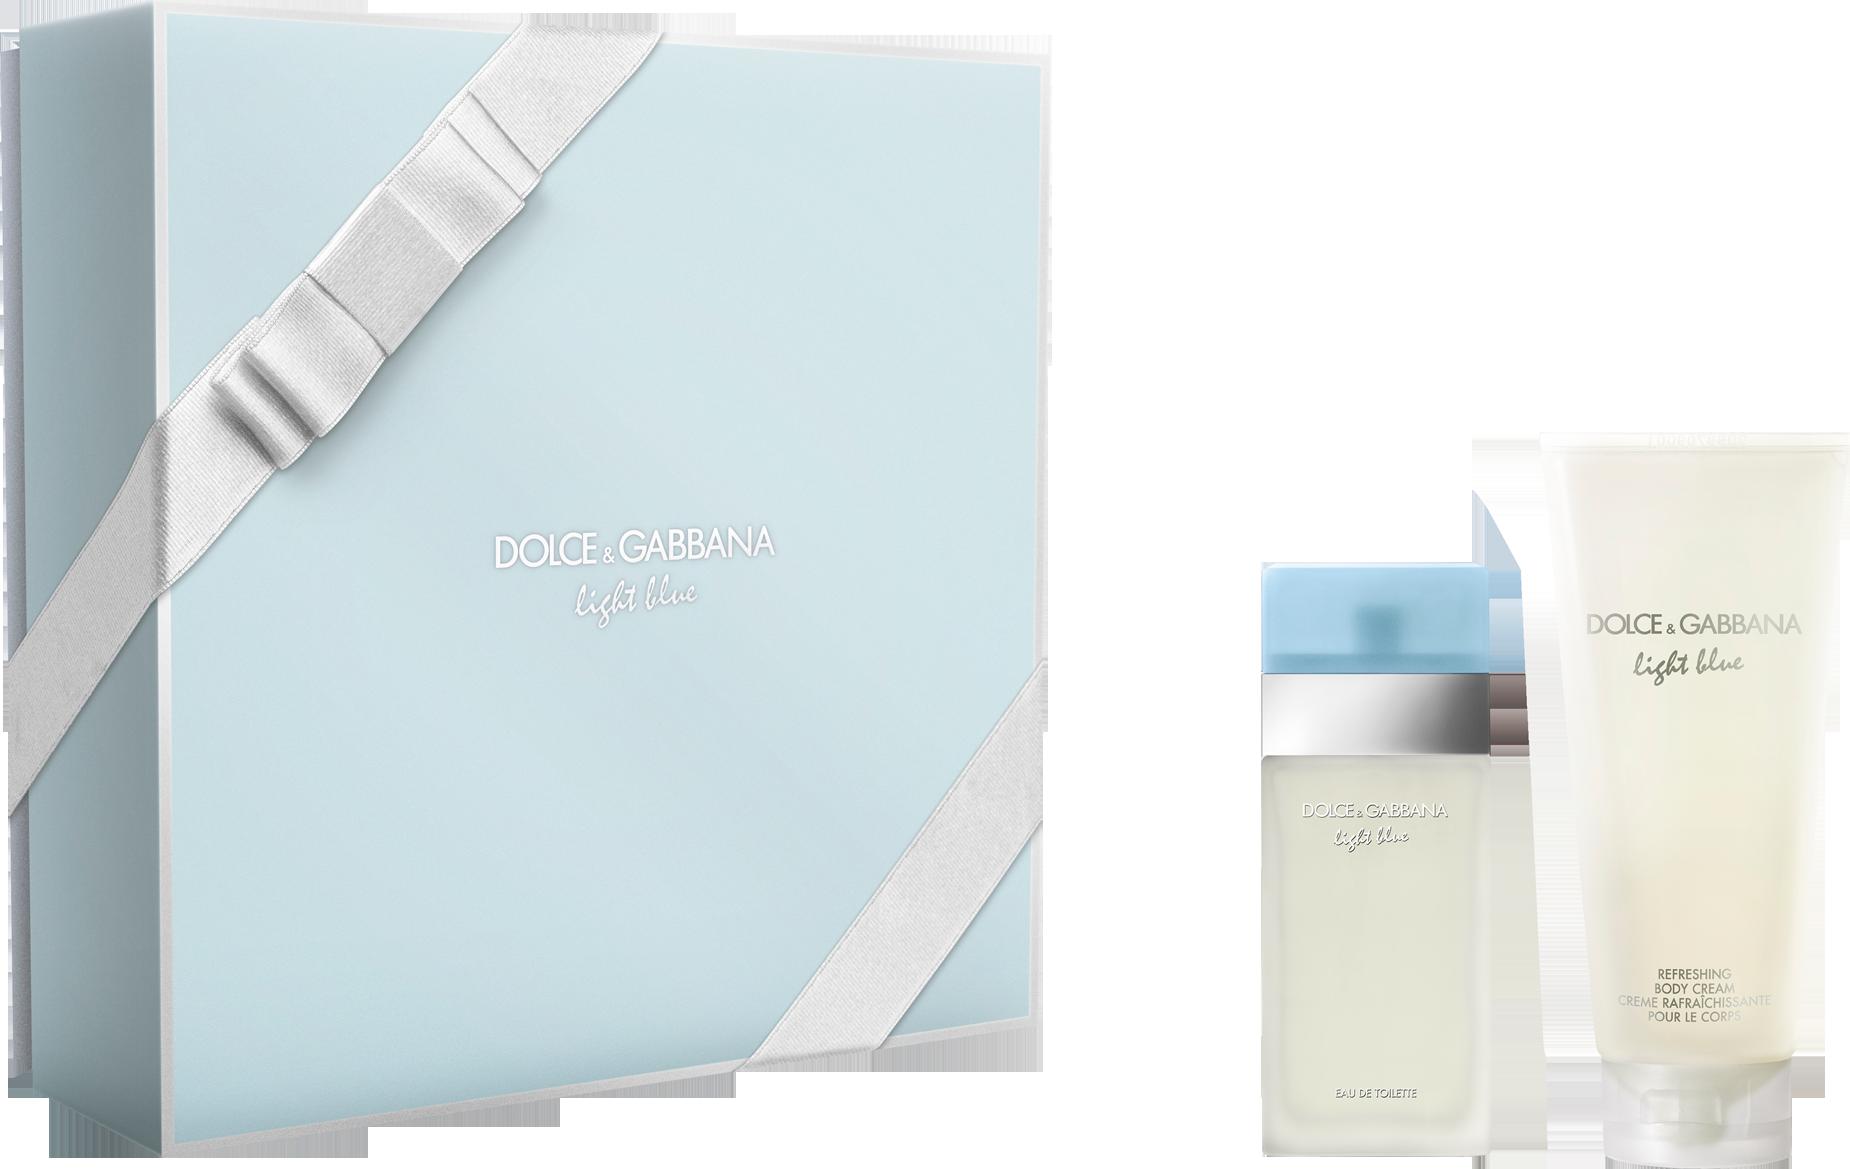 DOLCE & GABBANA LIGHT BLUE 2 PCS SET FOR WOMEN: 0.8 SP